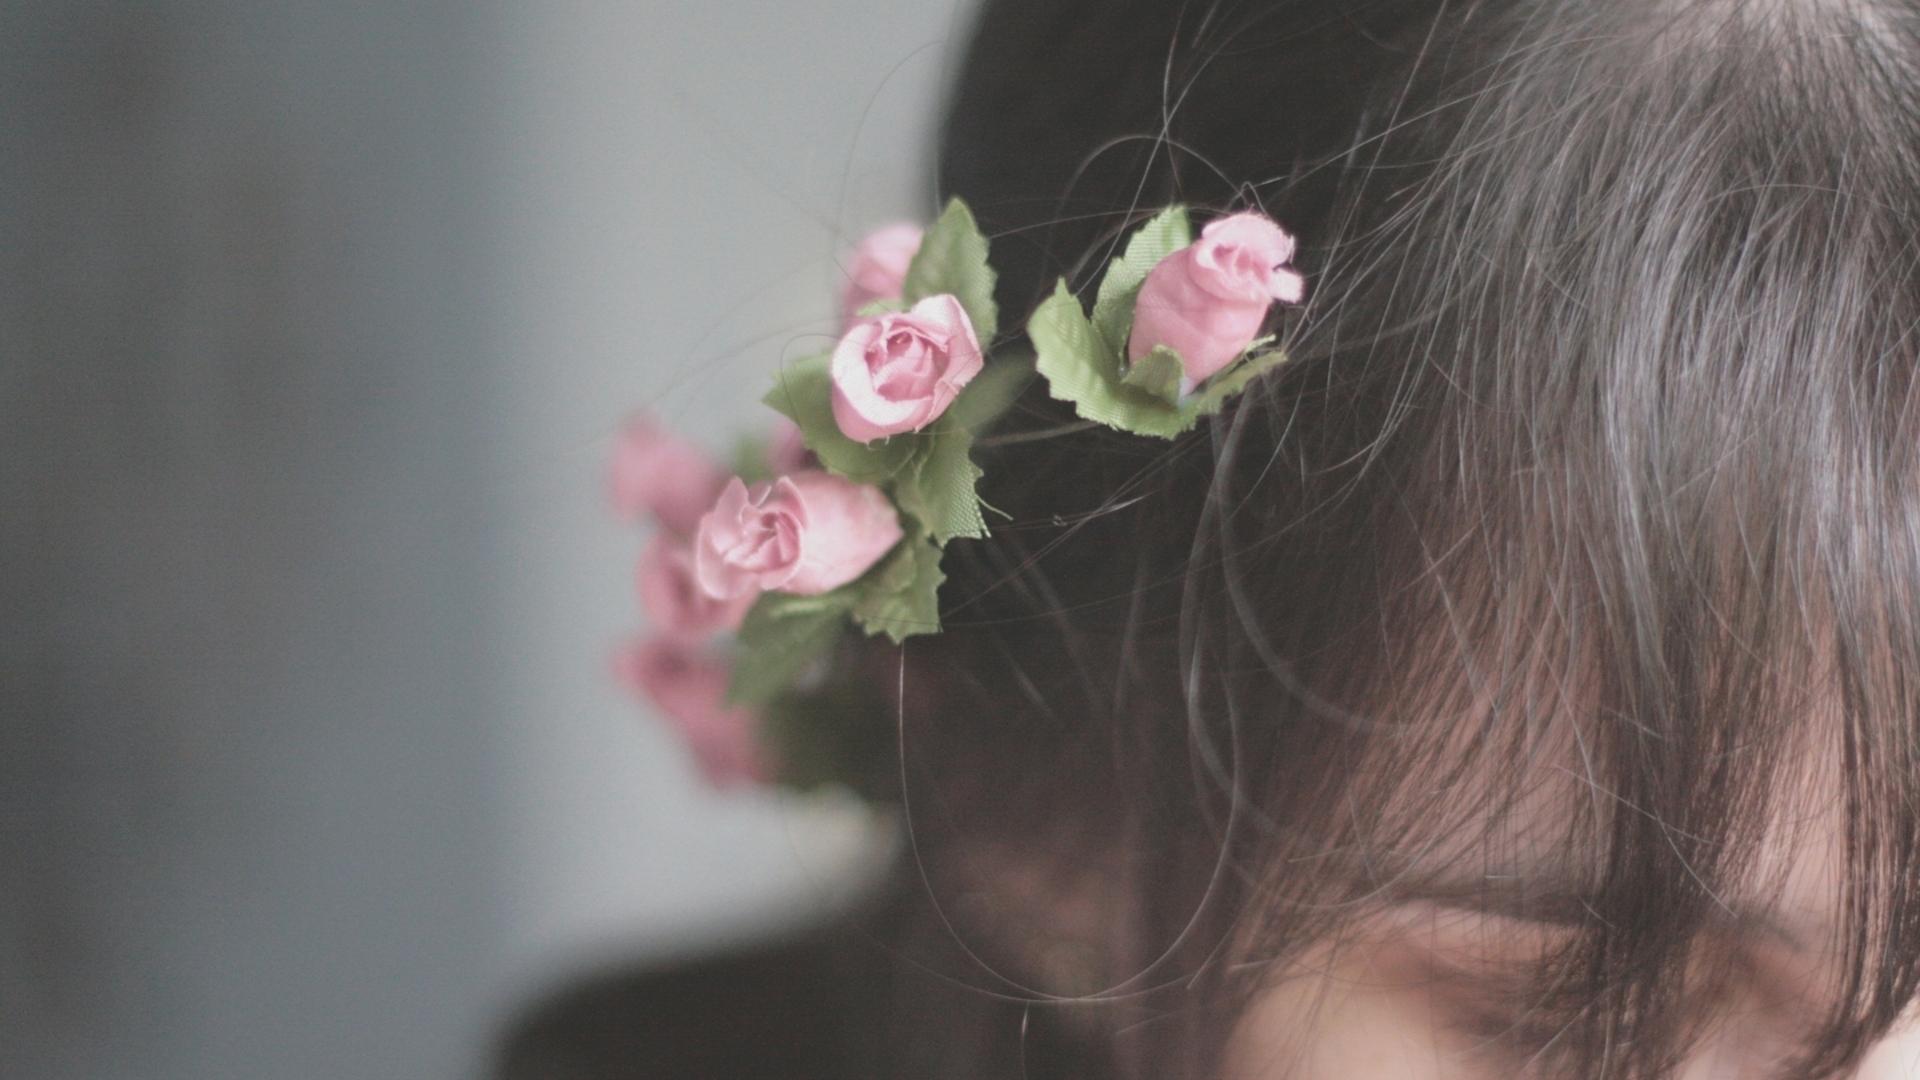 Фото и картинки девушки спиной с цветами, рисунки солнышко новогодняя